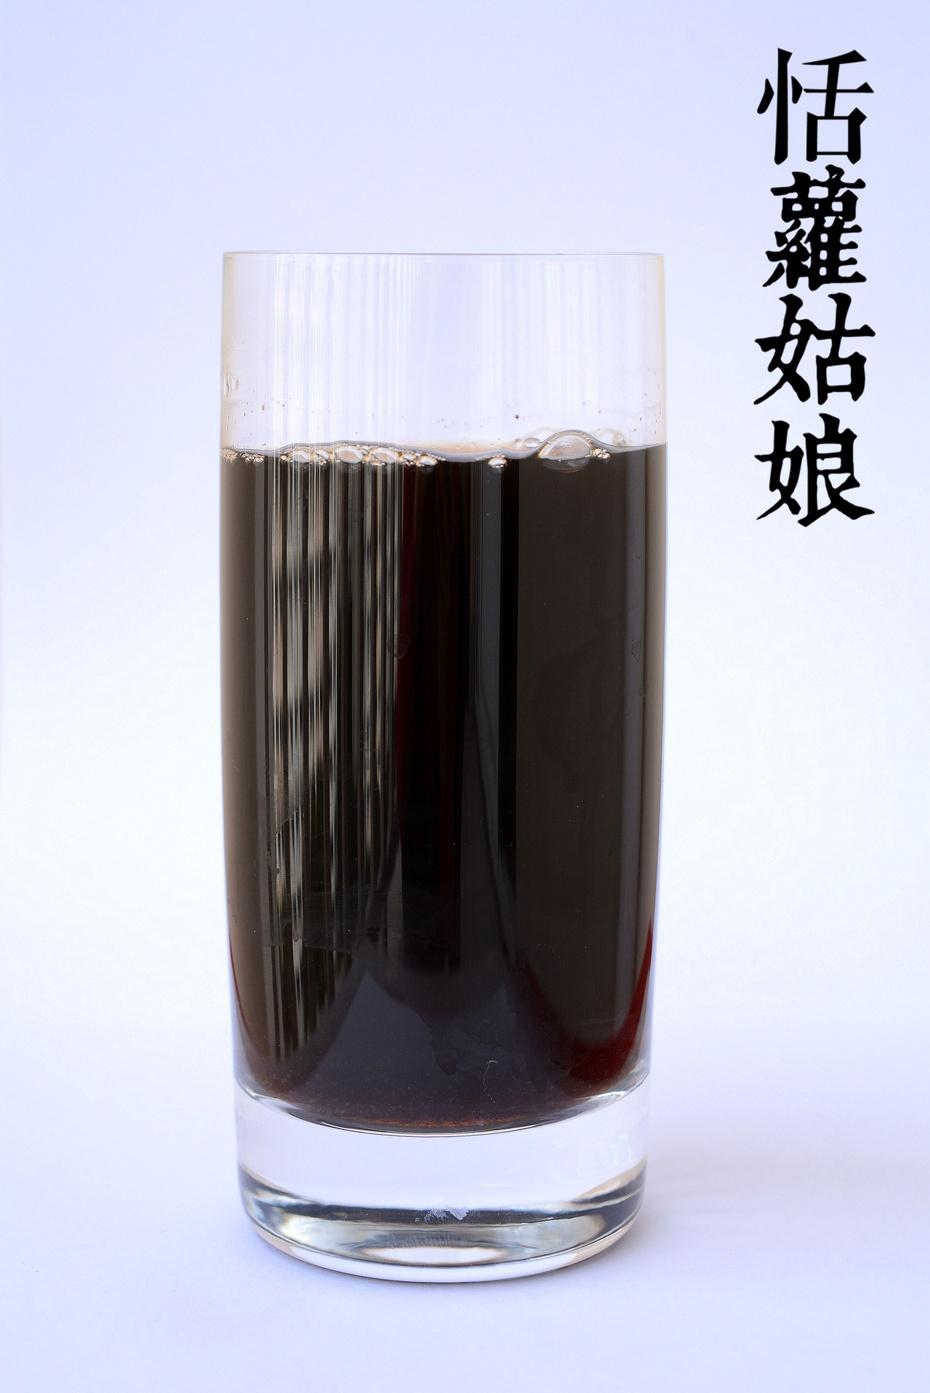 冬季女性养生首选【四物汤】 - 慢美食 - 慢 美 食